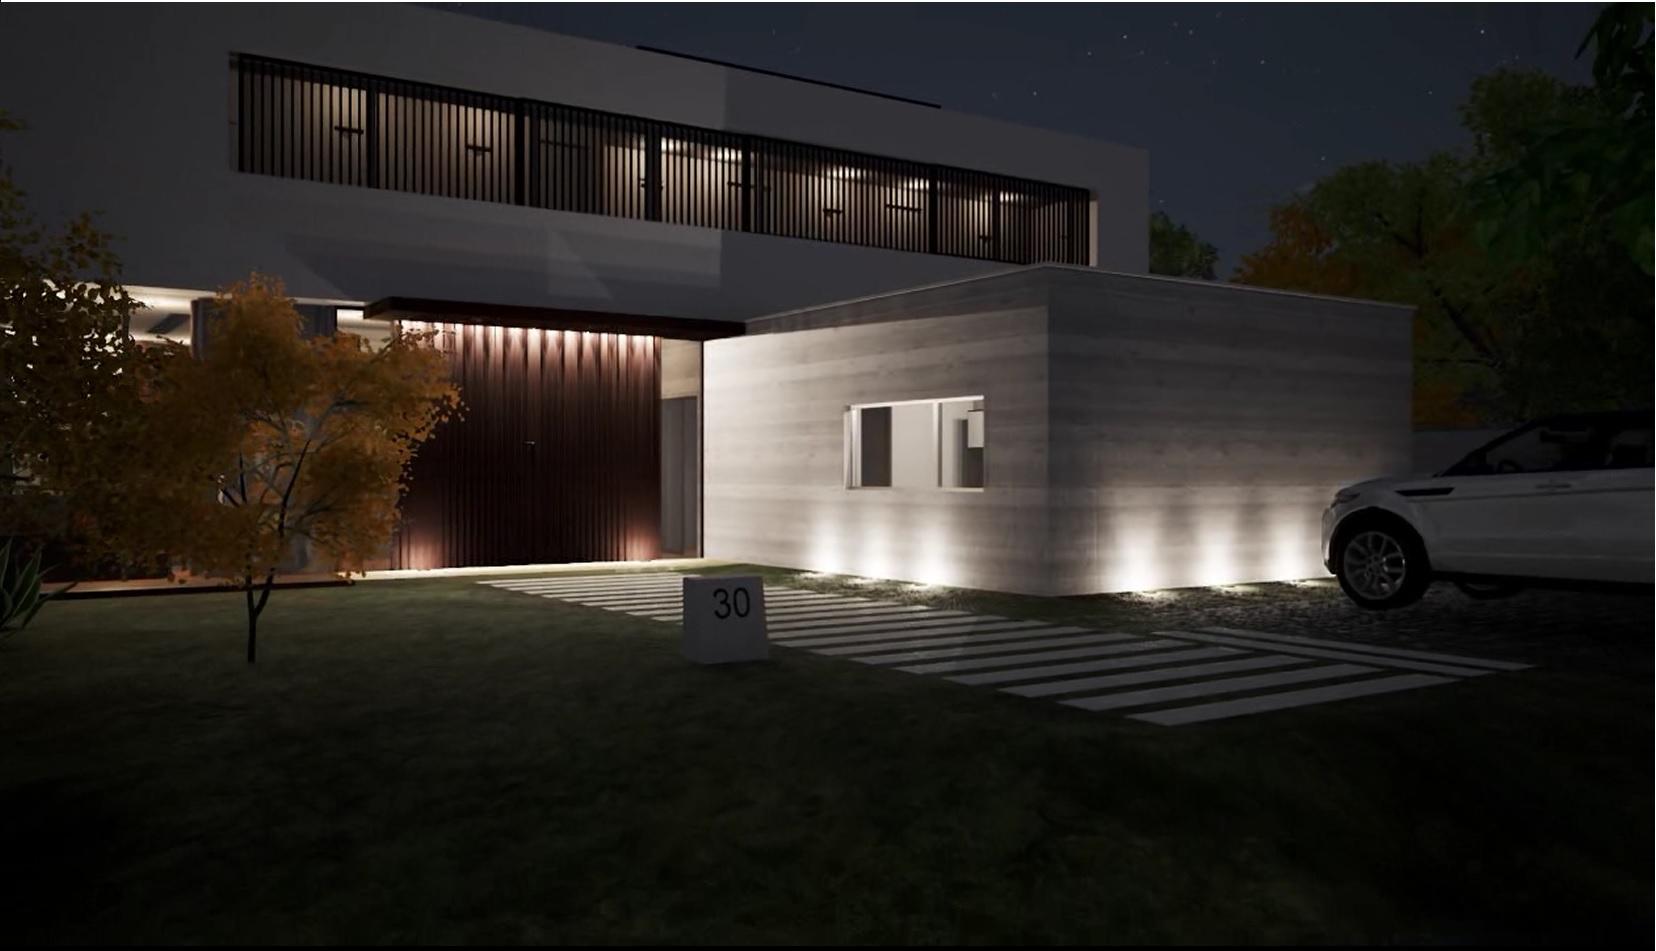 Progettare lilluminazione esterna di un edificio con un software